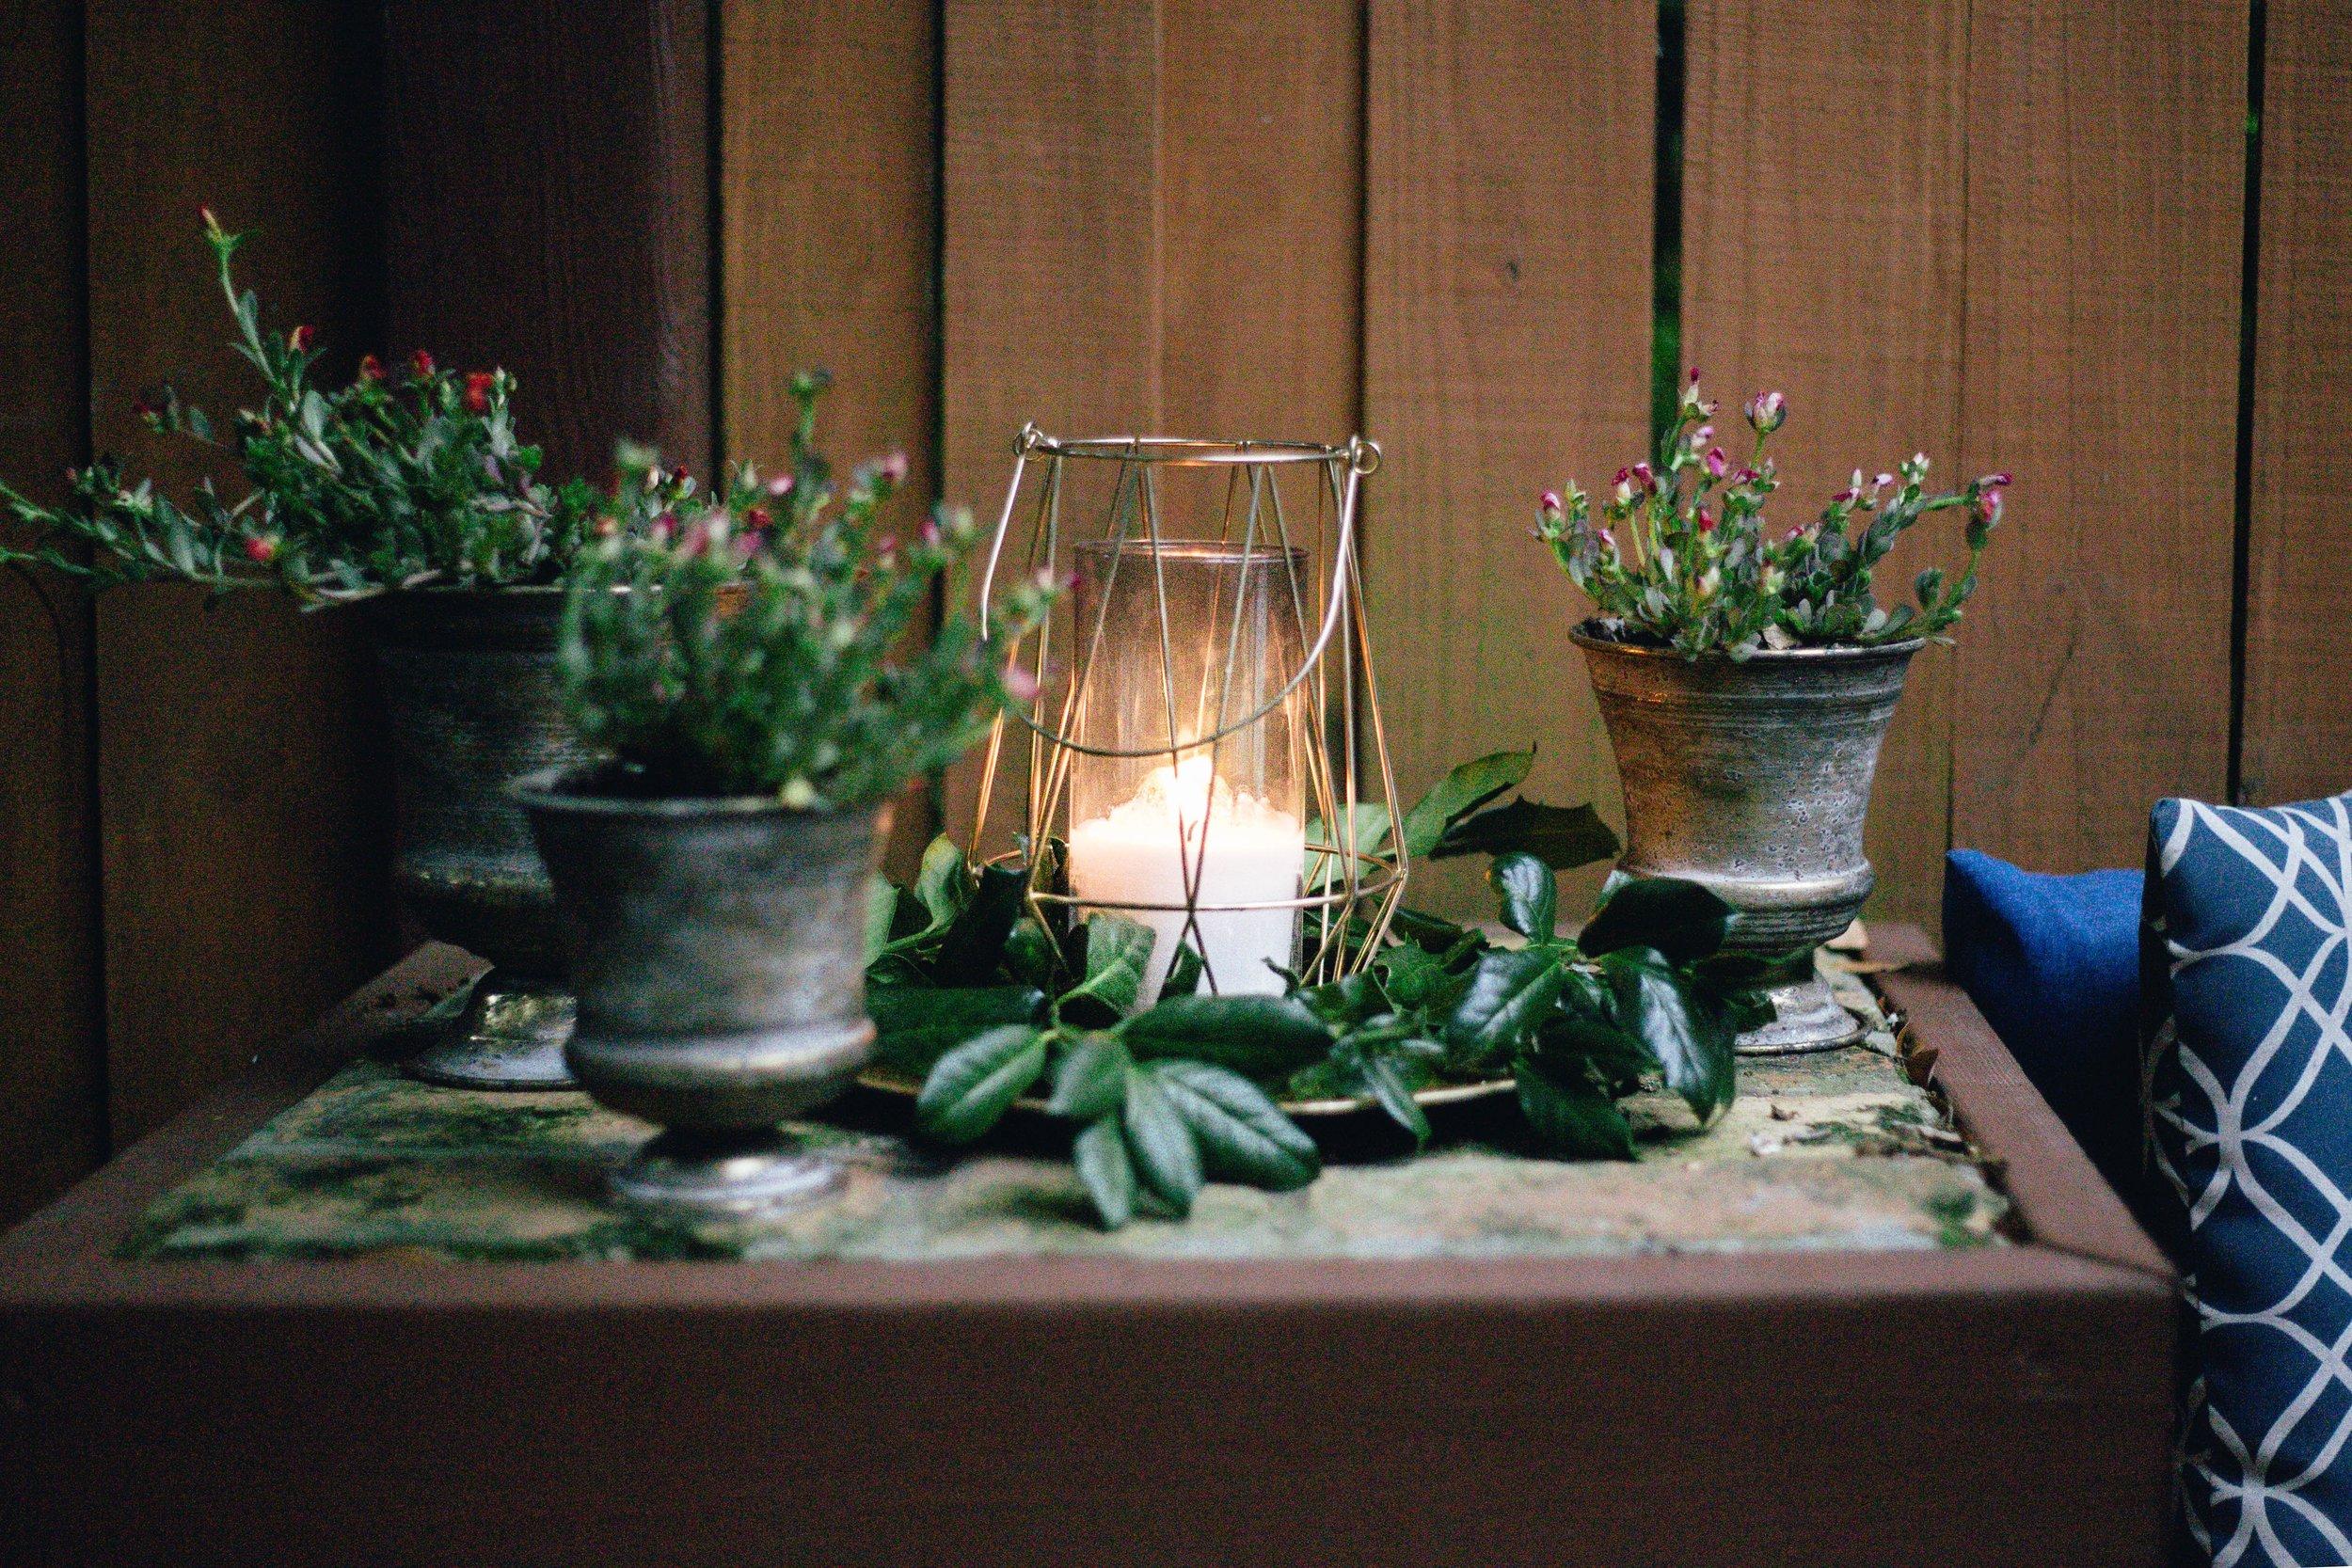 Alquimia para el alma y el hogar -